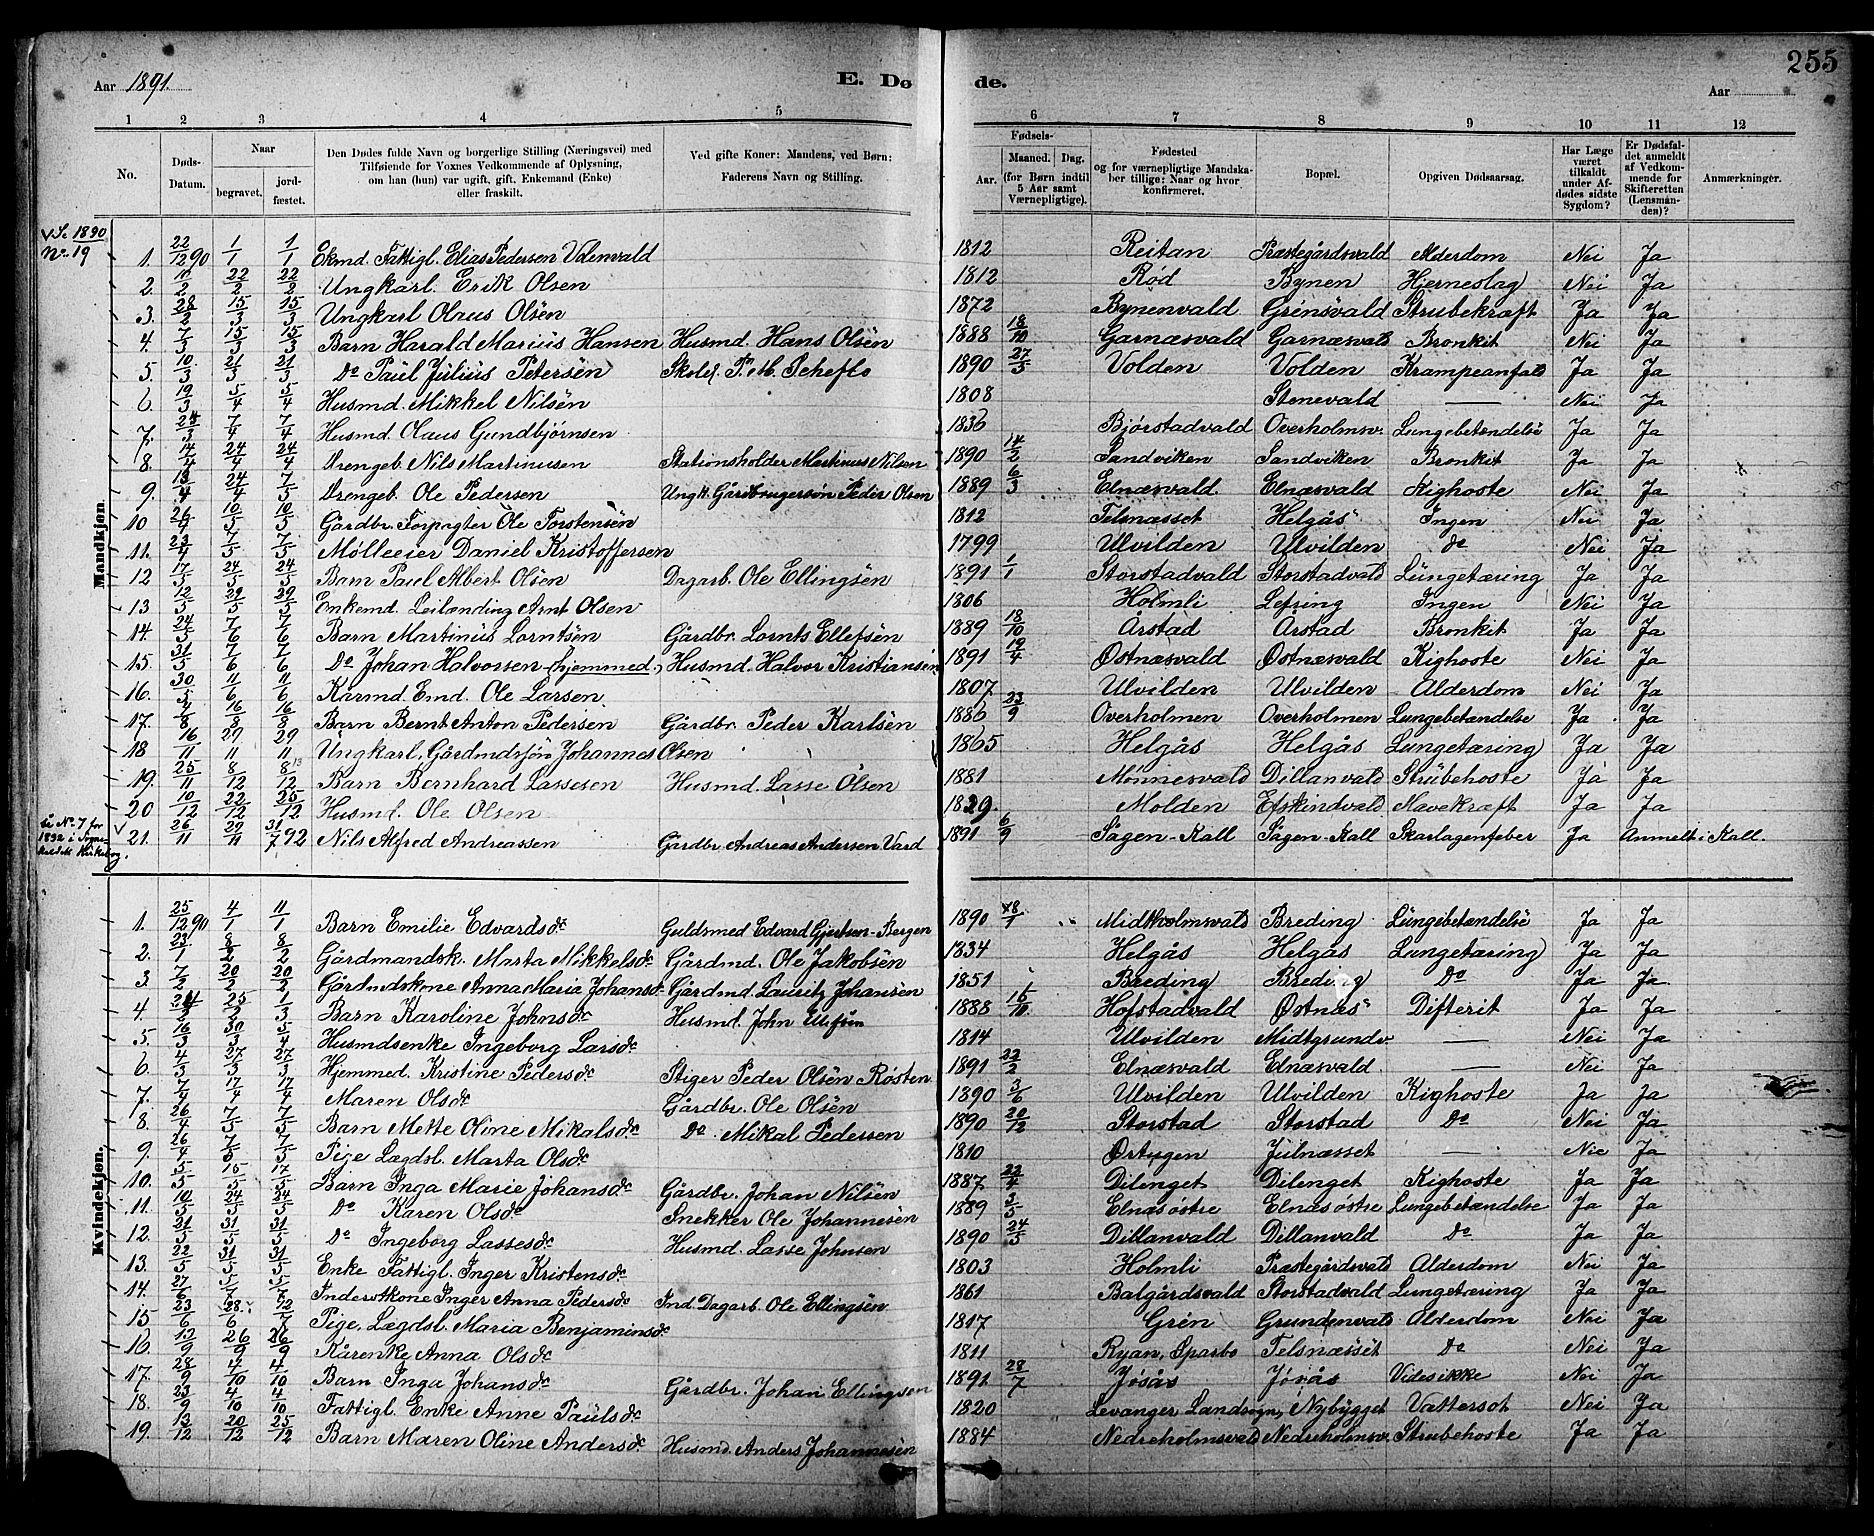 SAT, Ministerialprotokoller, klokkerbøker og fødselsregistre - Nord-Trøndelag, 724/L0267: Klokkerbok nr. 724C03, 1879-1898, s. 255